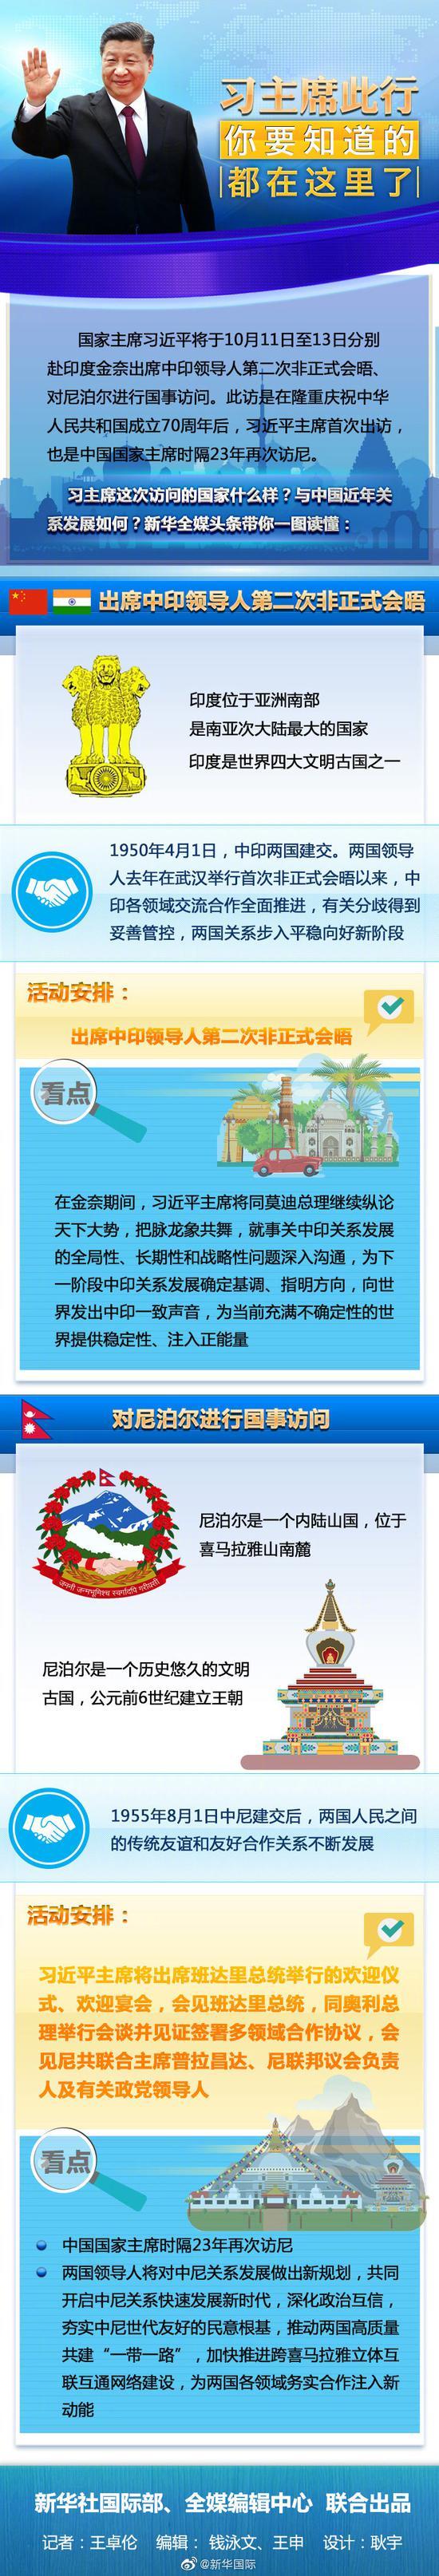 深港双城记:崛起的深圳和折叠的香港